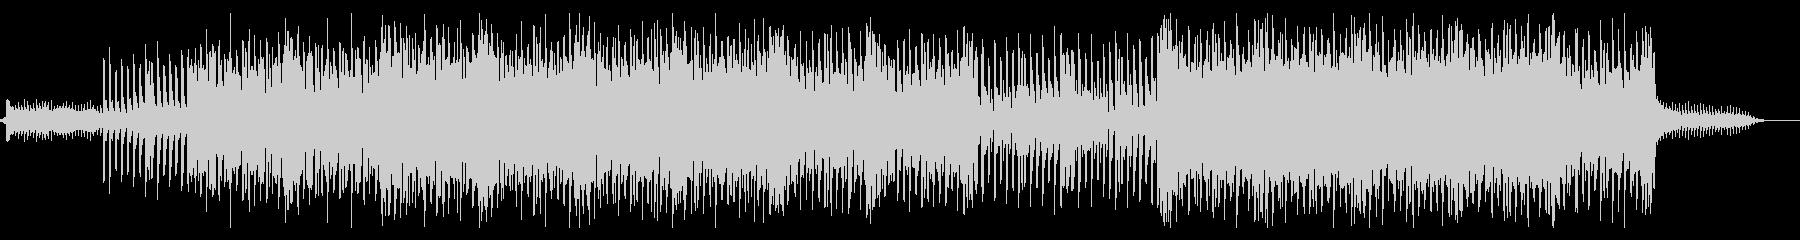 16ビートのシンセリードがリフのBGMの未再生の波形